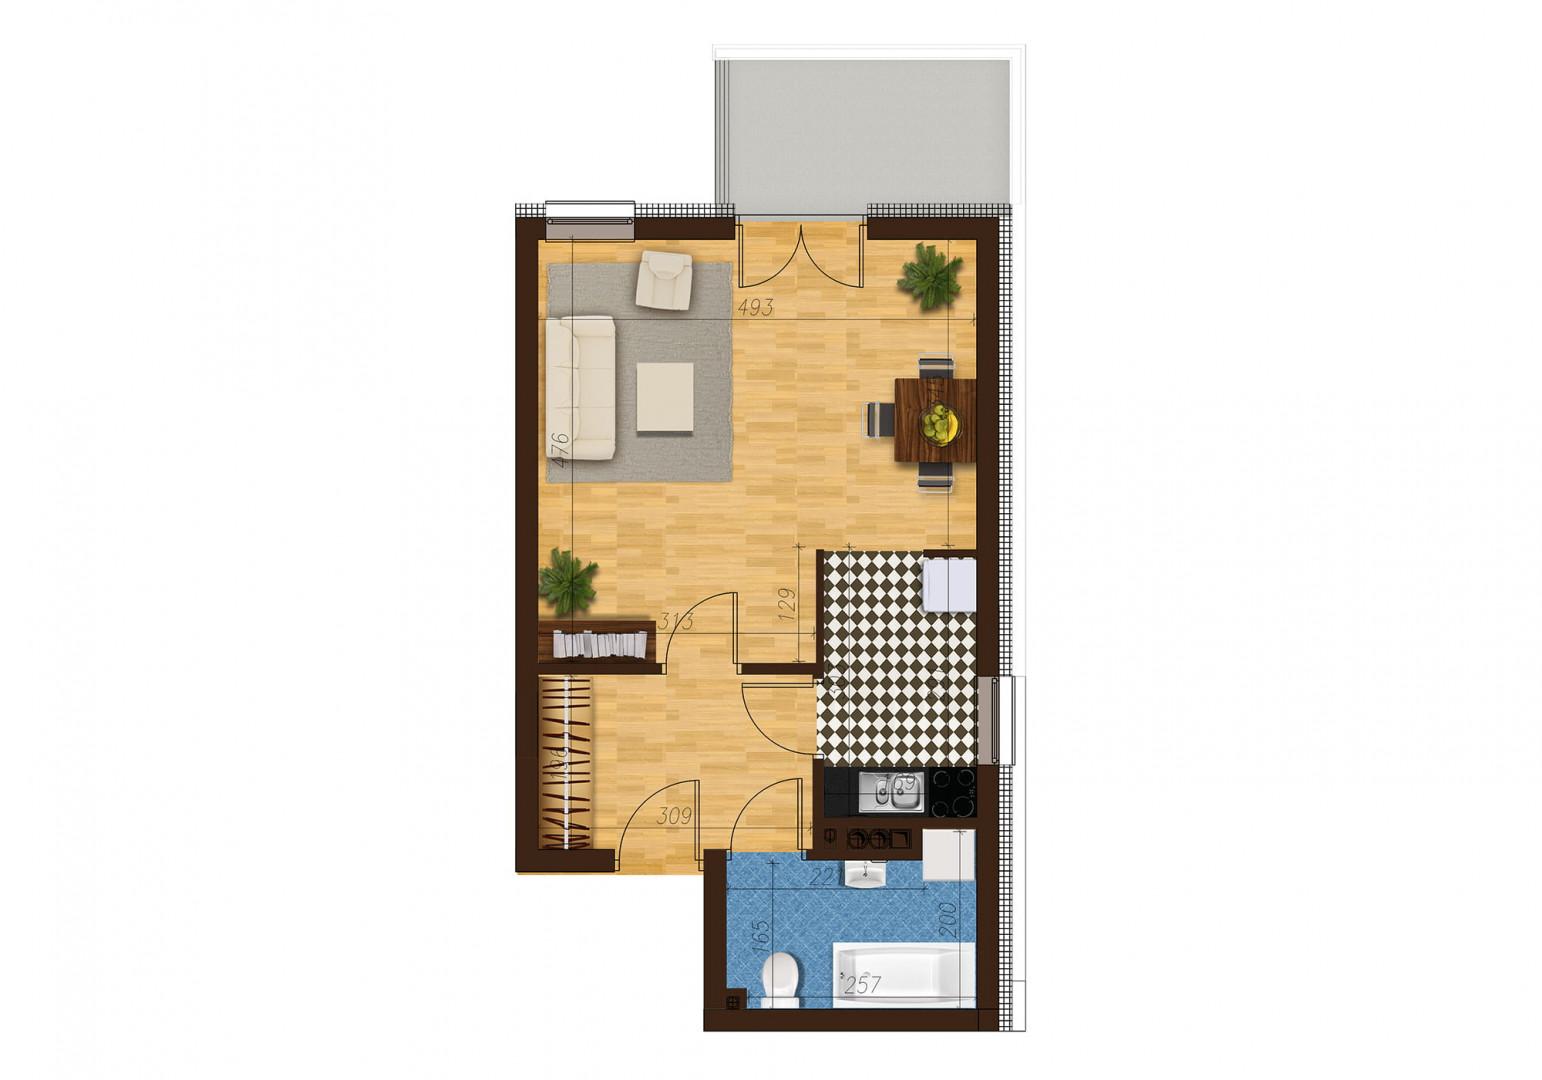 Mieszkanie jednopokojowe 33C/27 rzut 1